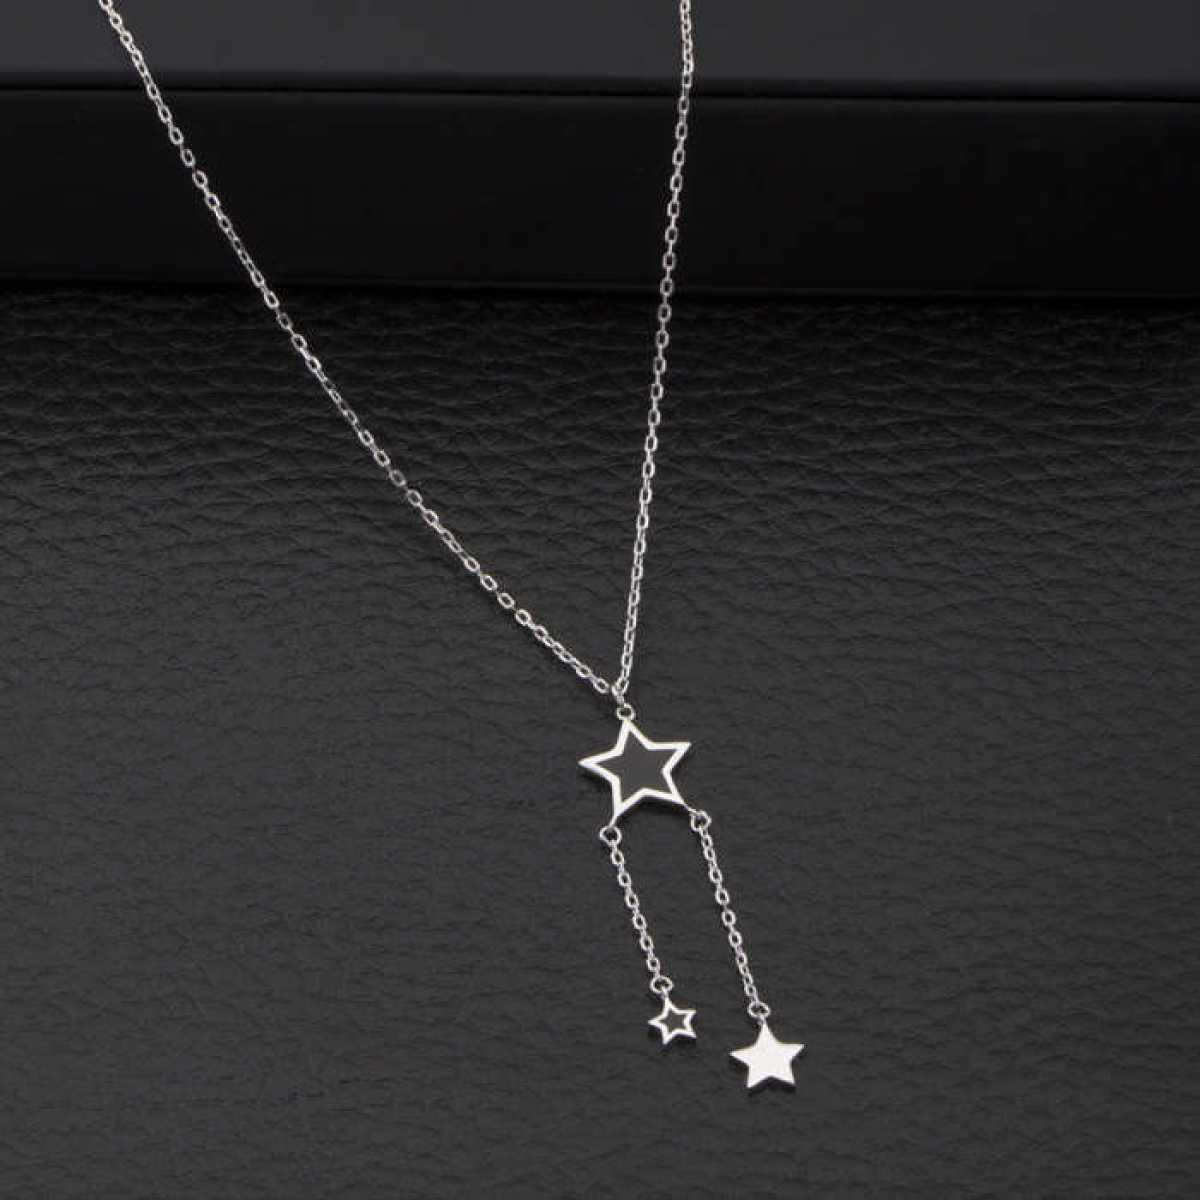 Hanging Black Stars Chain